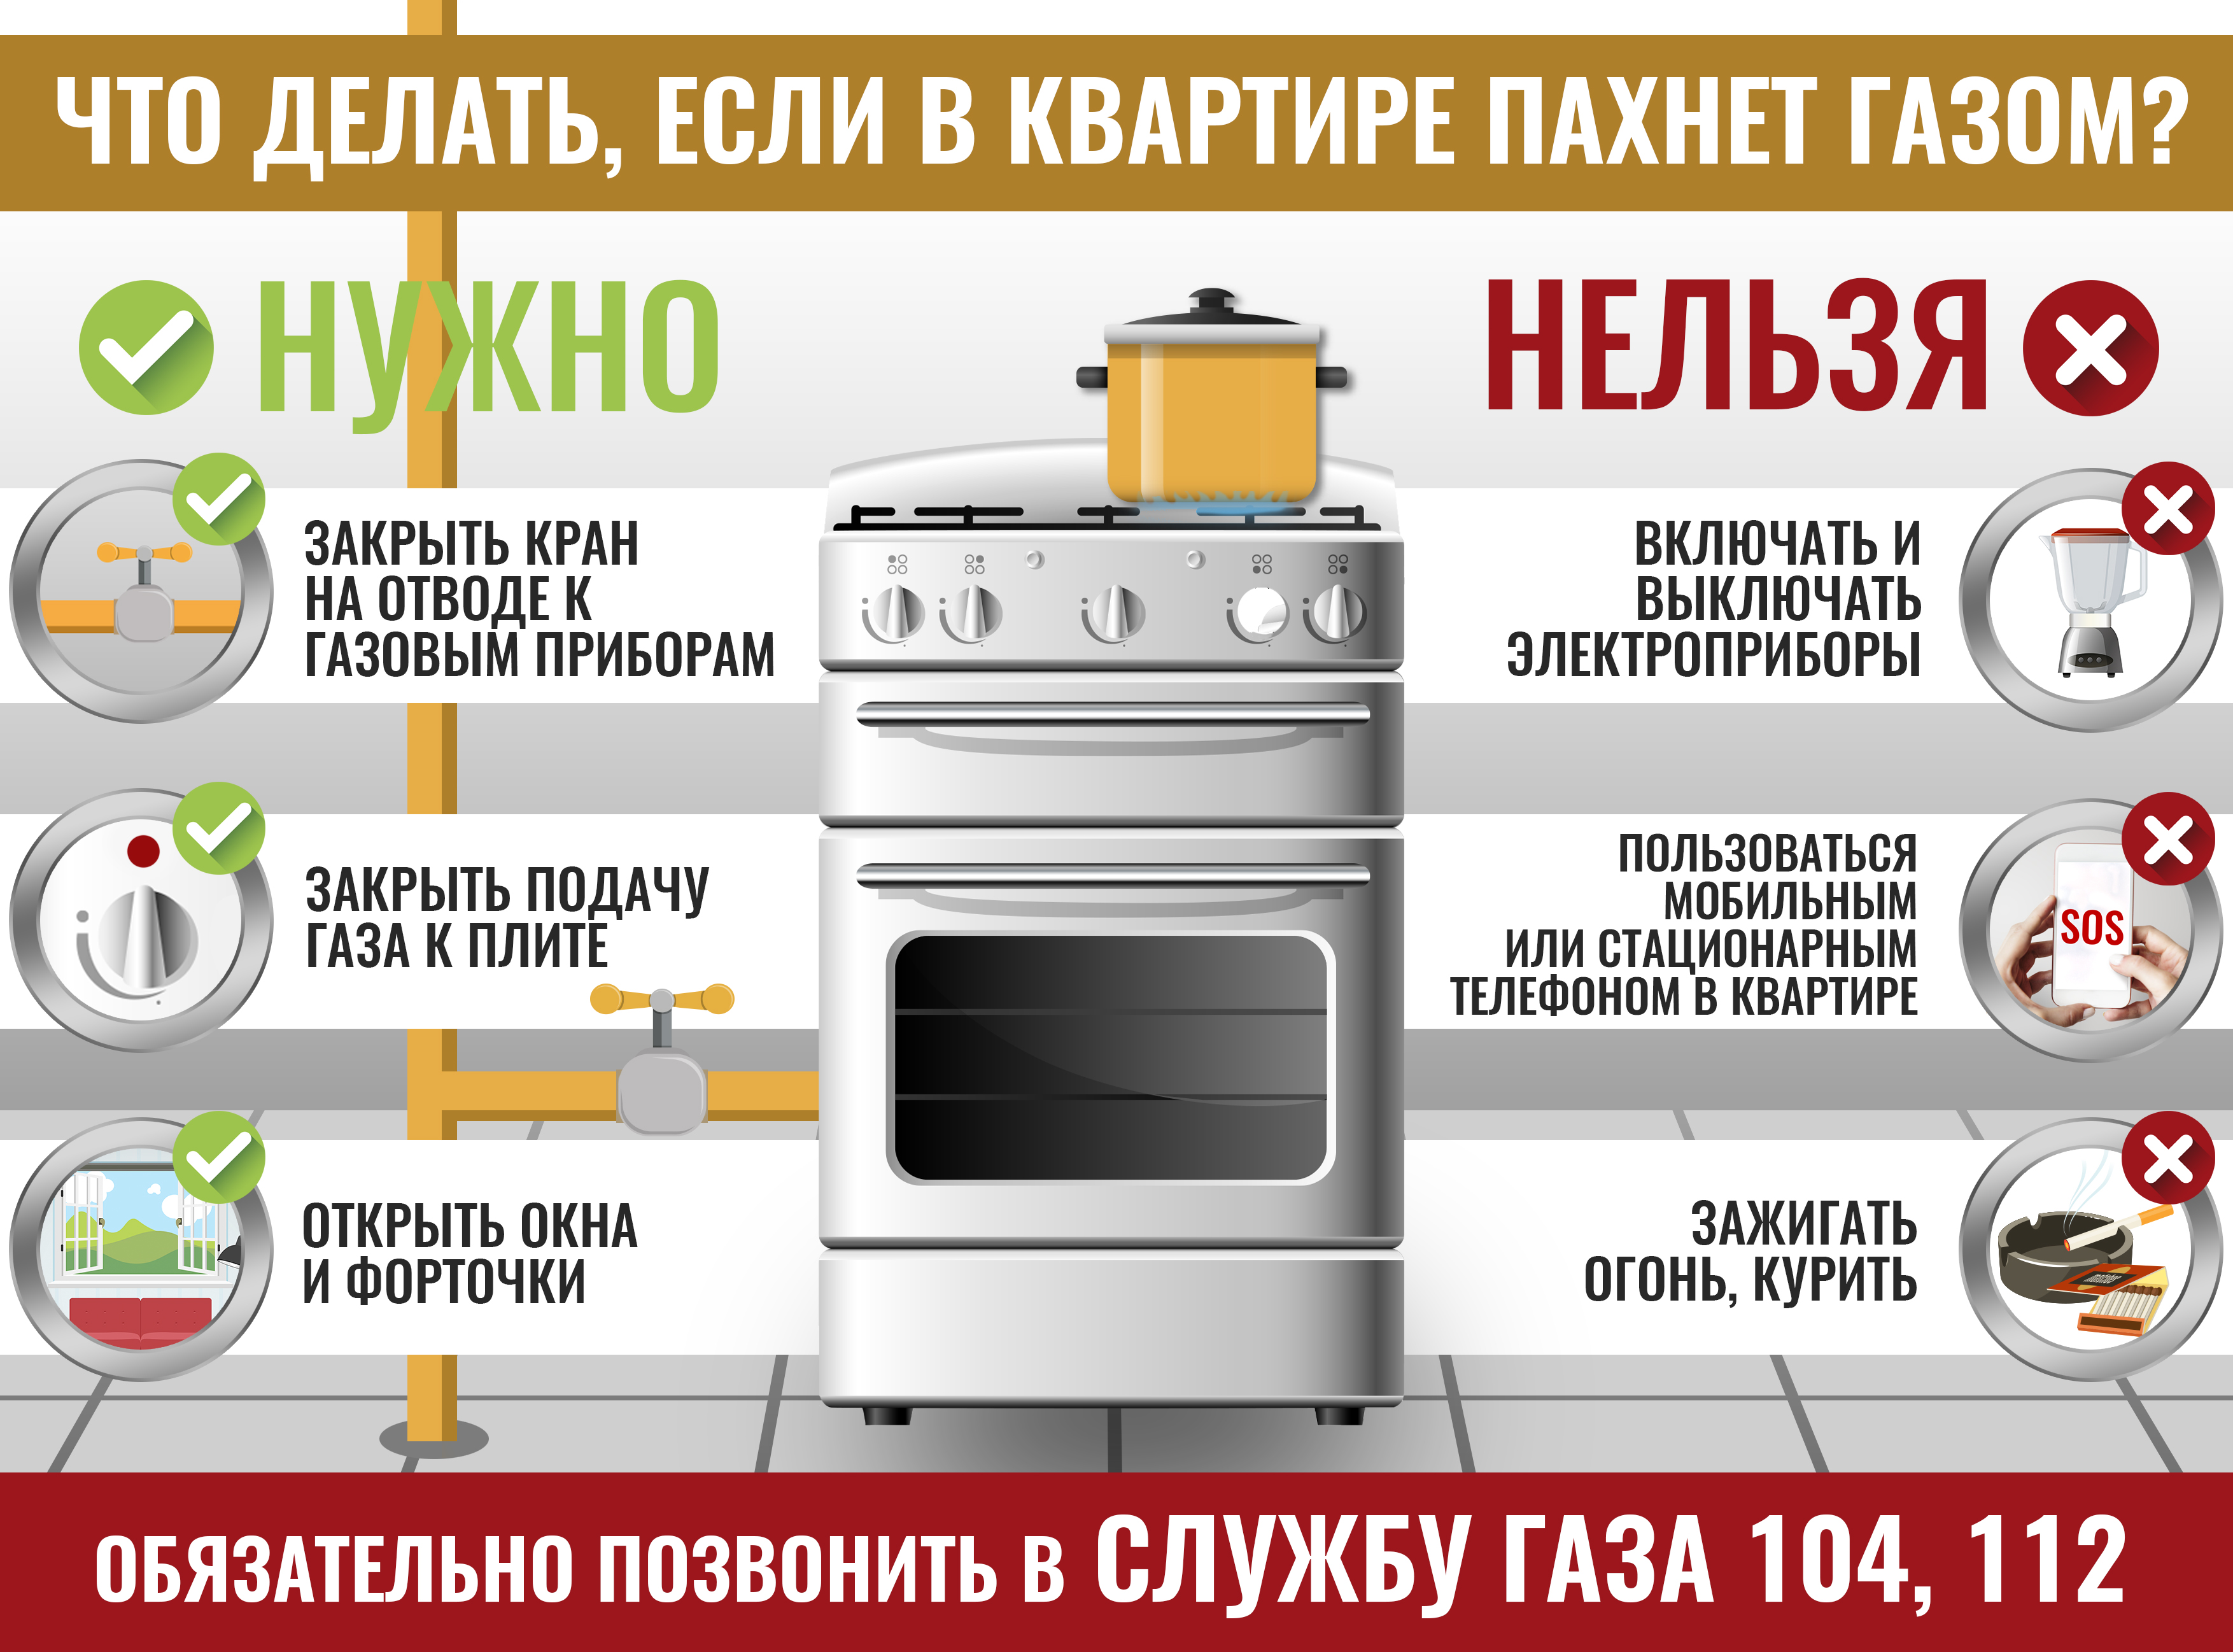 Как заметить утечку газа и что делать, чтобы избежать взрыва. понятная инструкция от спасателей - новости - 66.ru